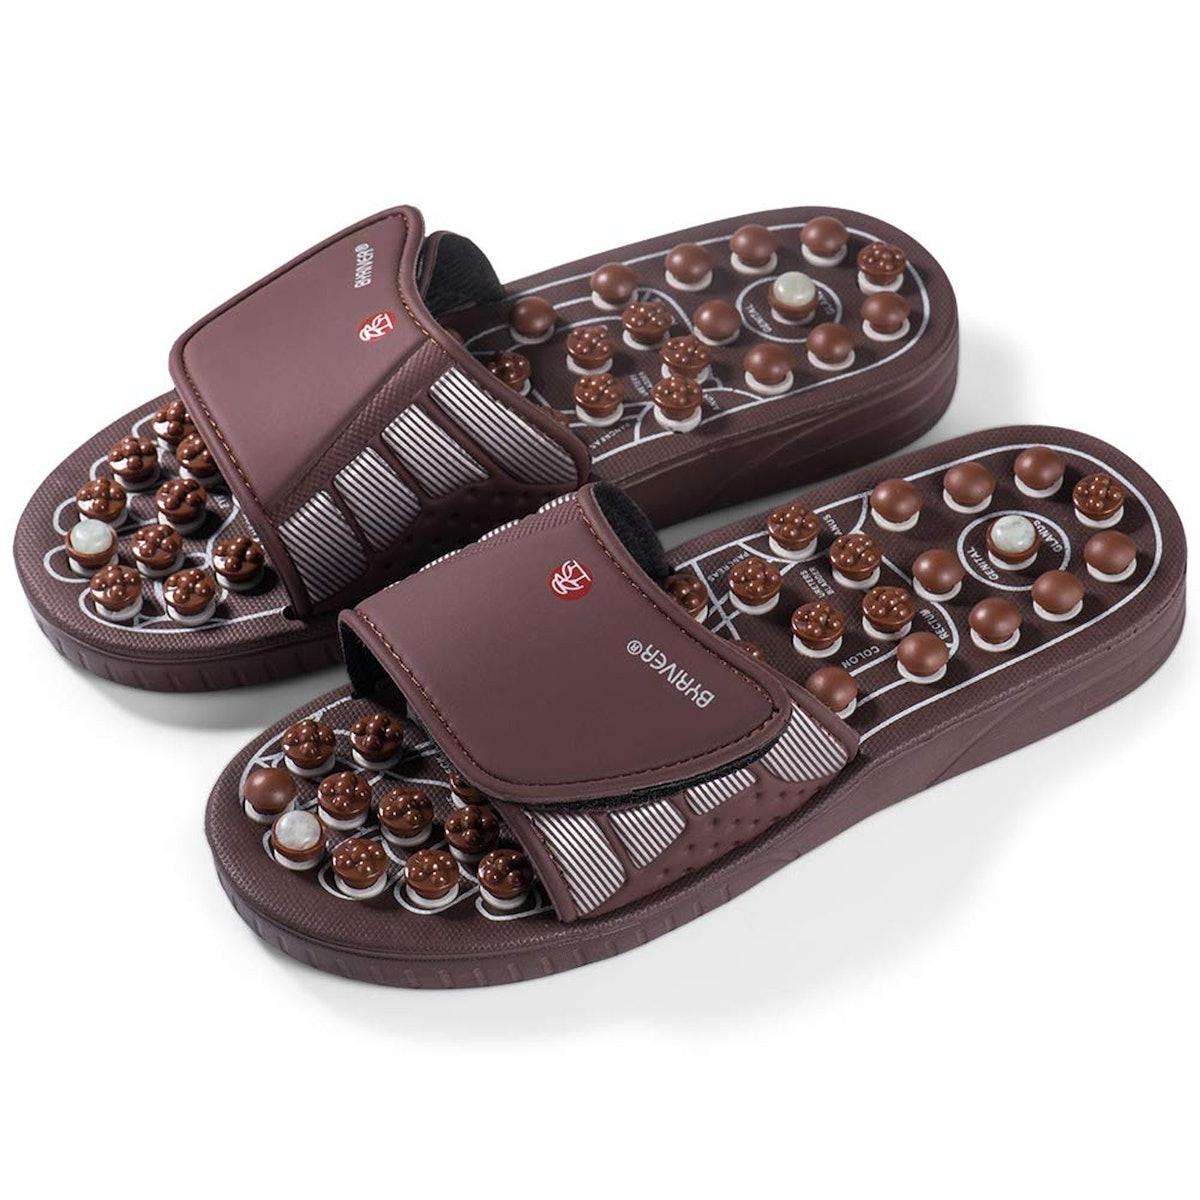 BYRIVER Jade Spring Massage Slippers